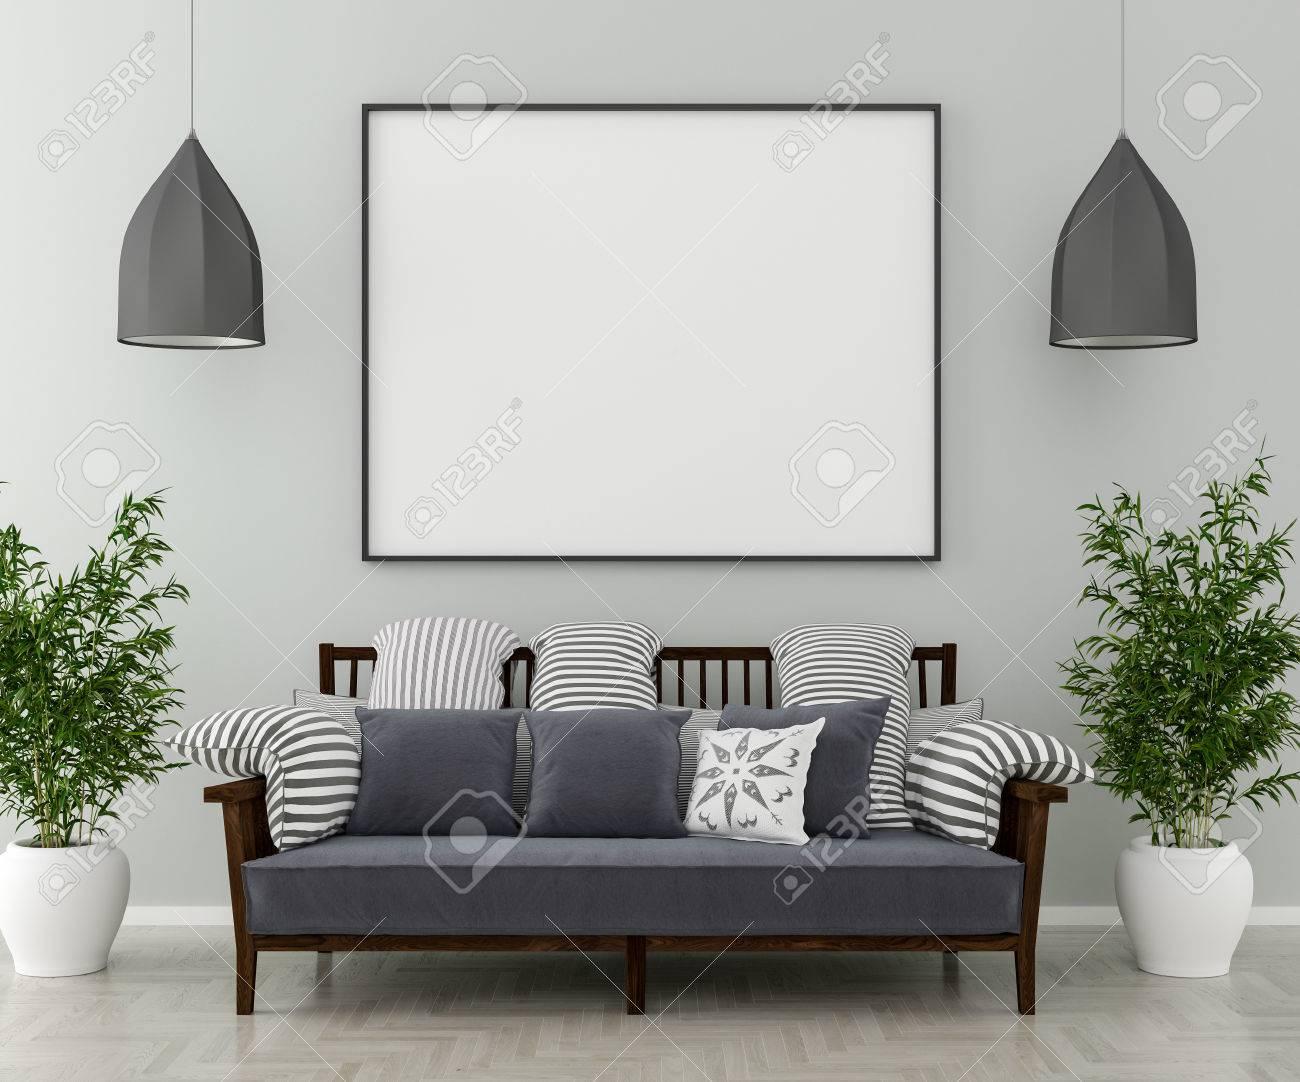 Piante Da Appartamento 3d.Immagini Stock Due Lampadari Un Divano E Piante Da Interno Sul